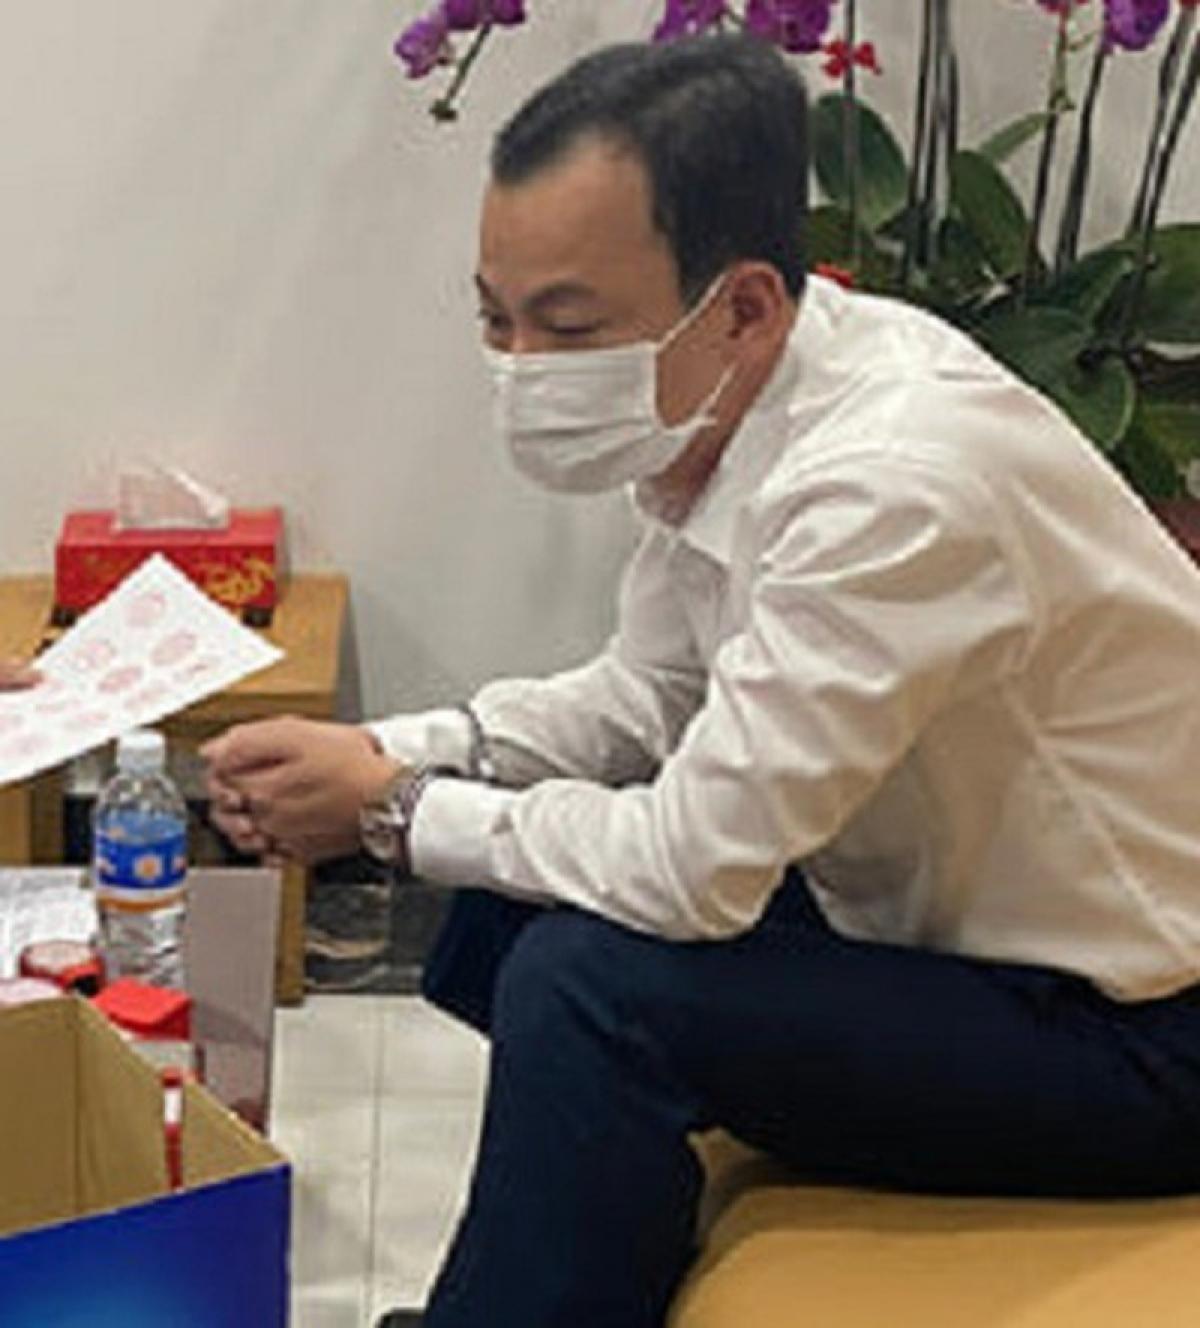 Lê Thanh Trung, đối tượng cầm đầu vụ án vừa bị bắt giữ